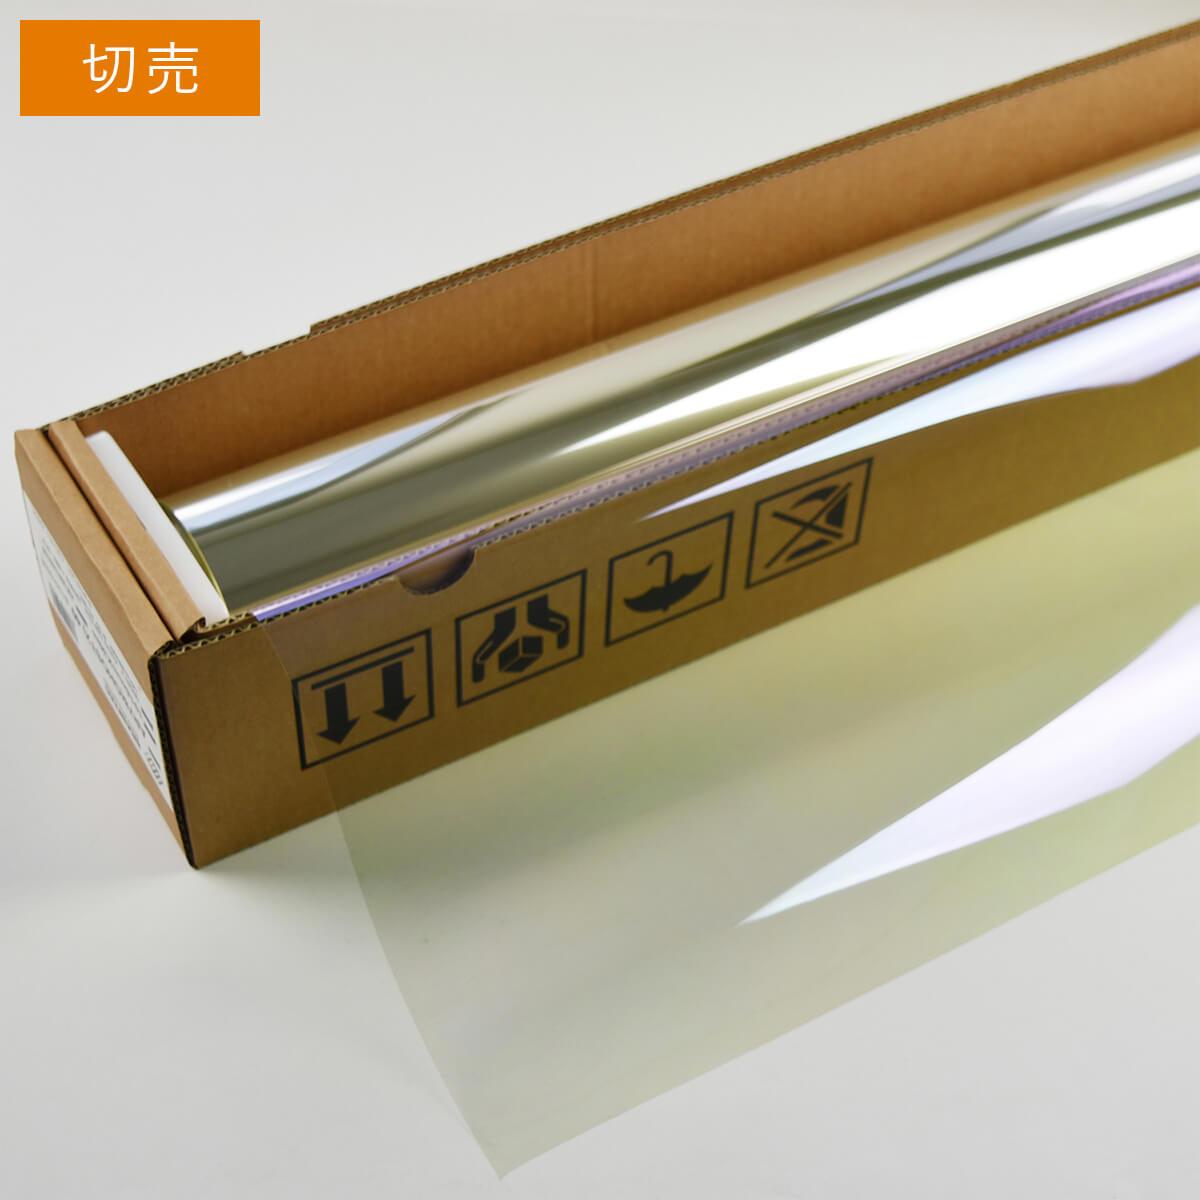 条件付き送料無料 GHOSTII(ゴーストII) オーロラ78 1.5m幅 x 長さ1m単位切売 ブレインテック 多層マルチレイヤー ストラクチュラルカラー オーロラフィルム78 [10-AR78(GHOSTII)60C]